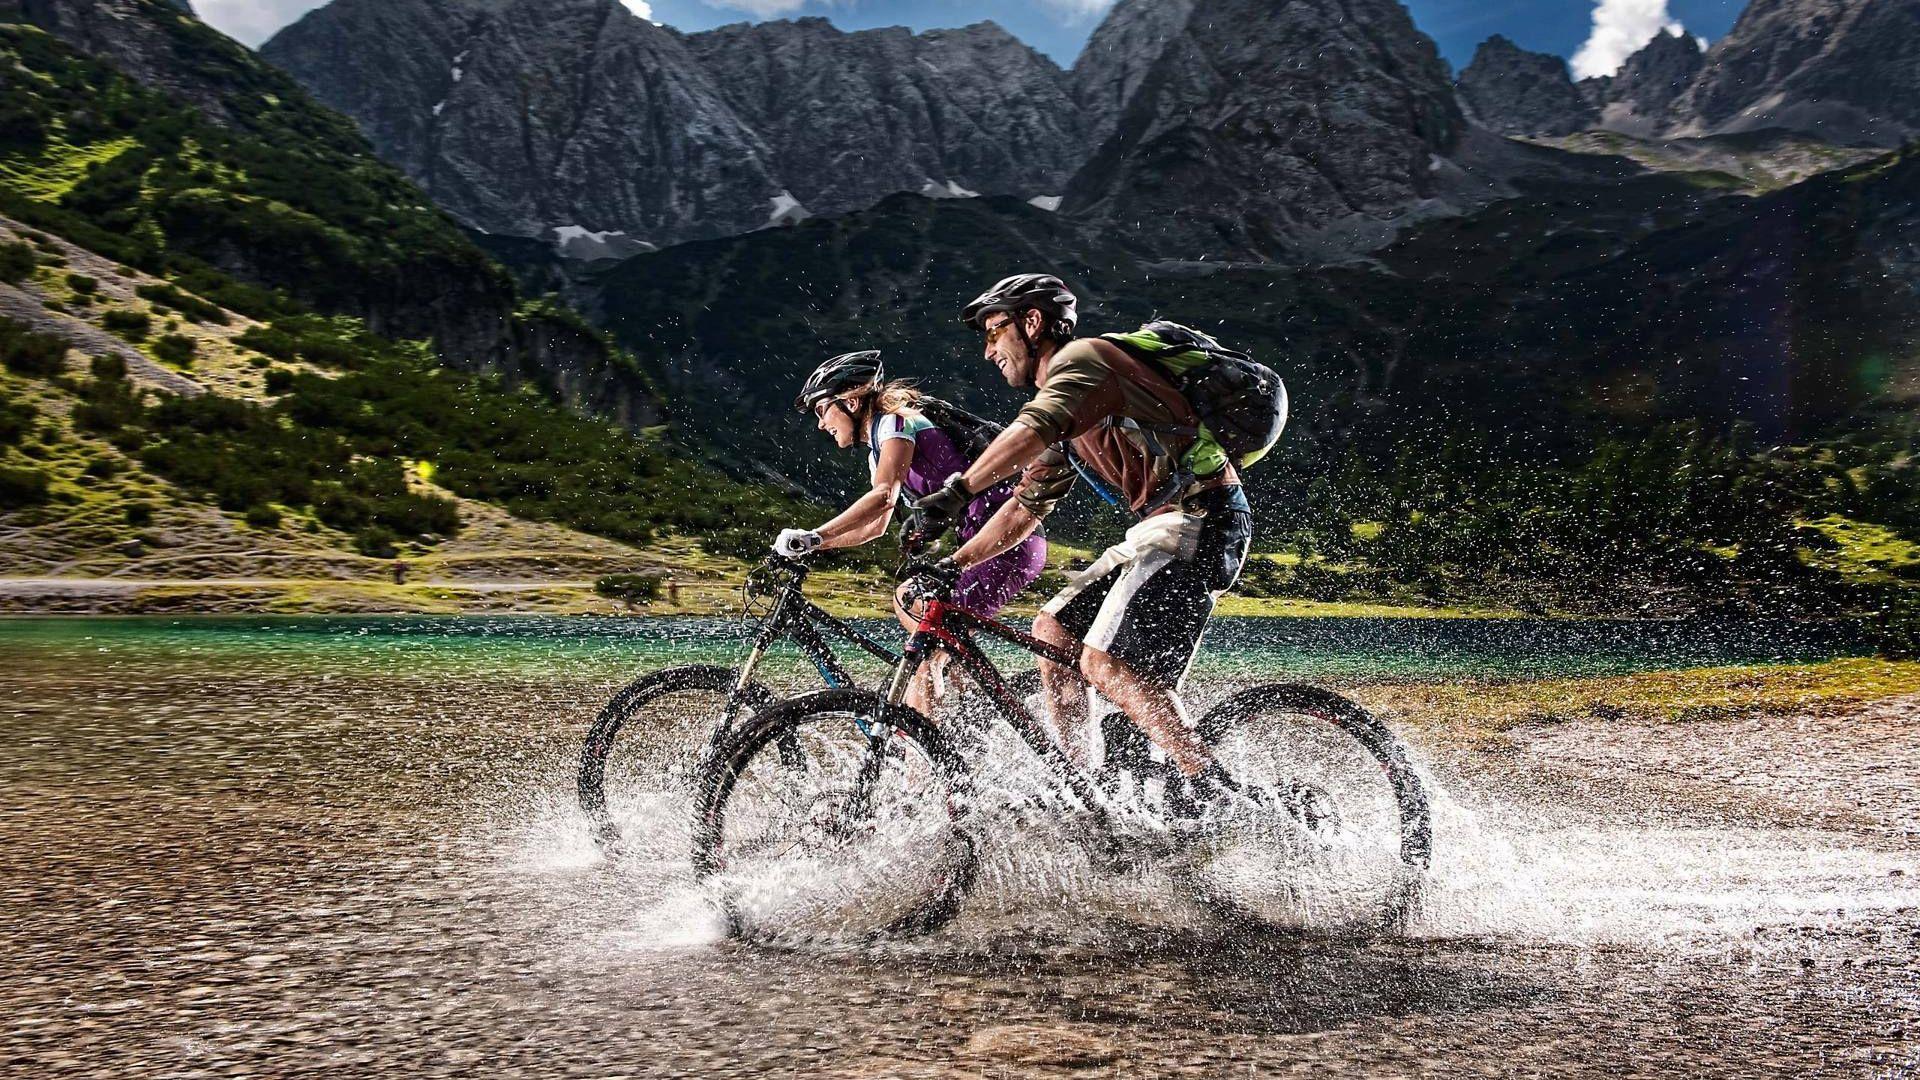 Mountain Bike full screen hd wallpaper